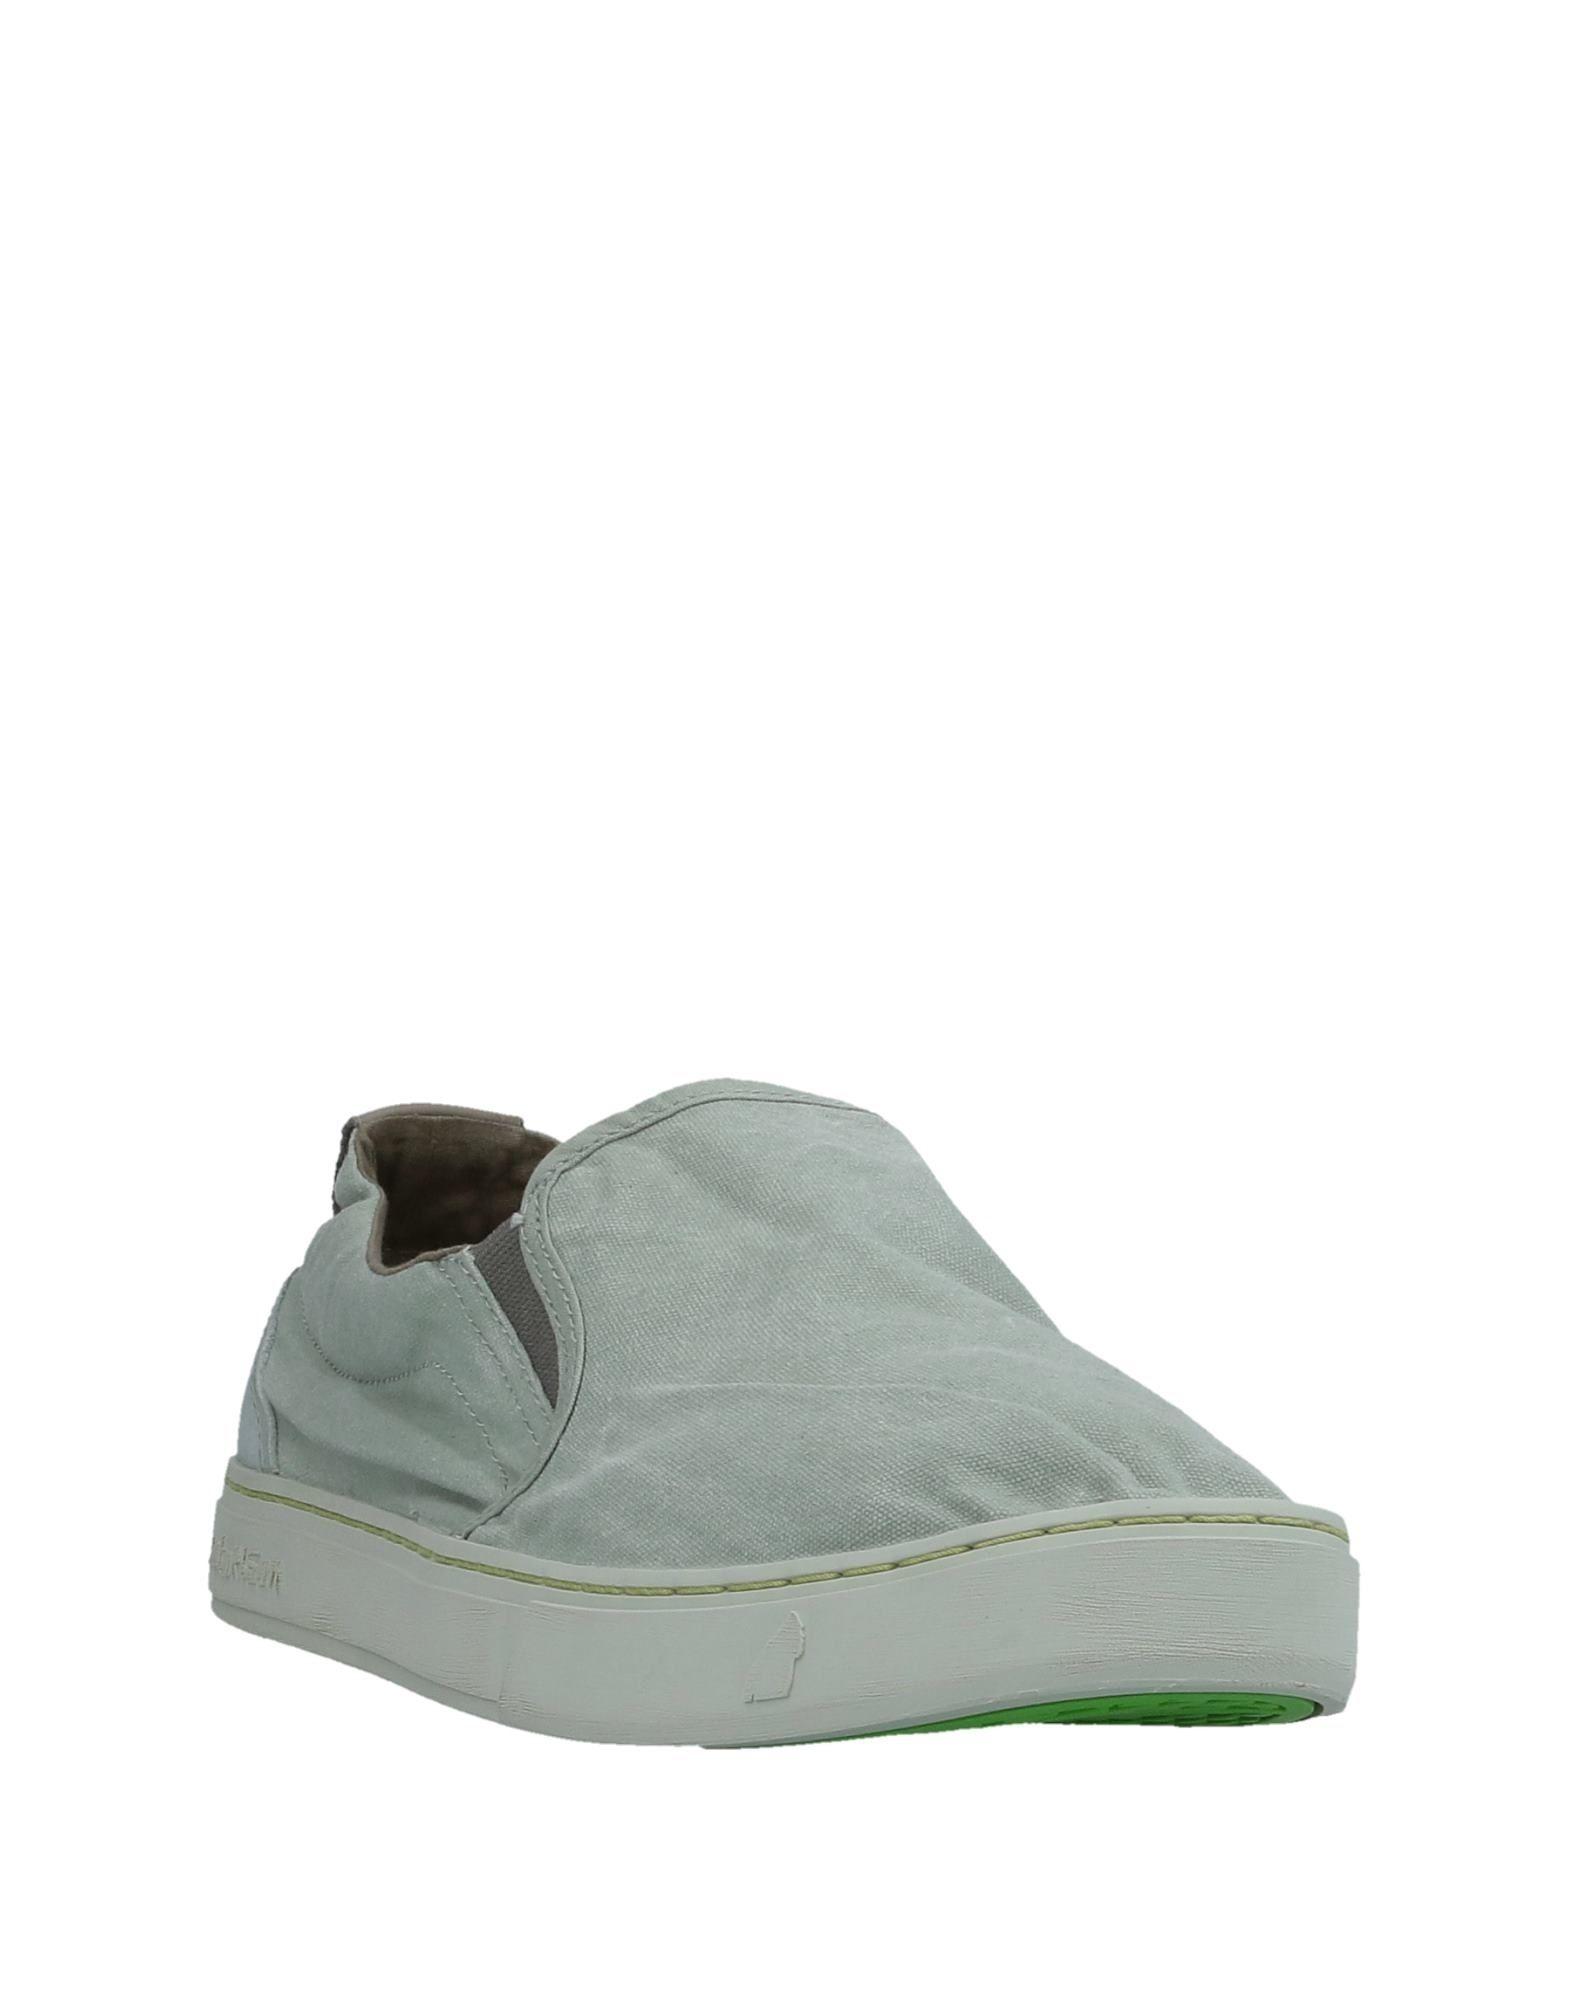 Herren Satorisan Sneakers Herren   11508515TX Heiße Schuhe 1b2d66